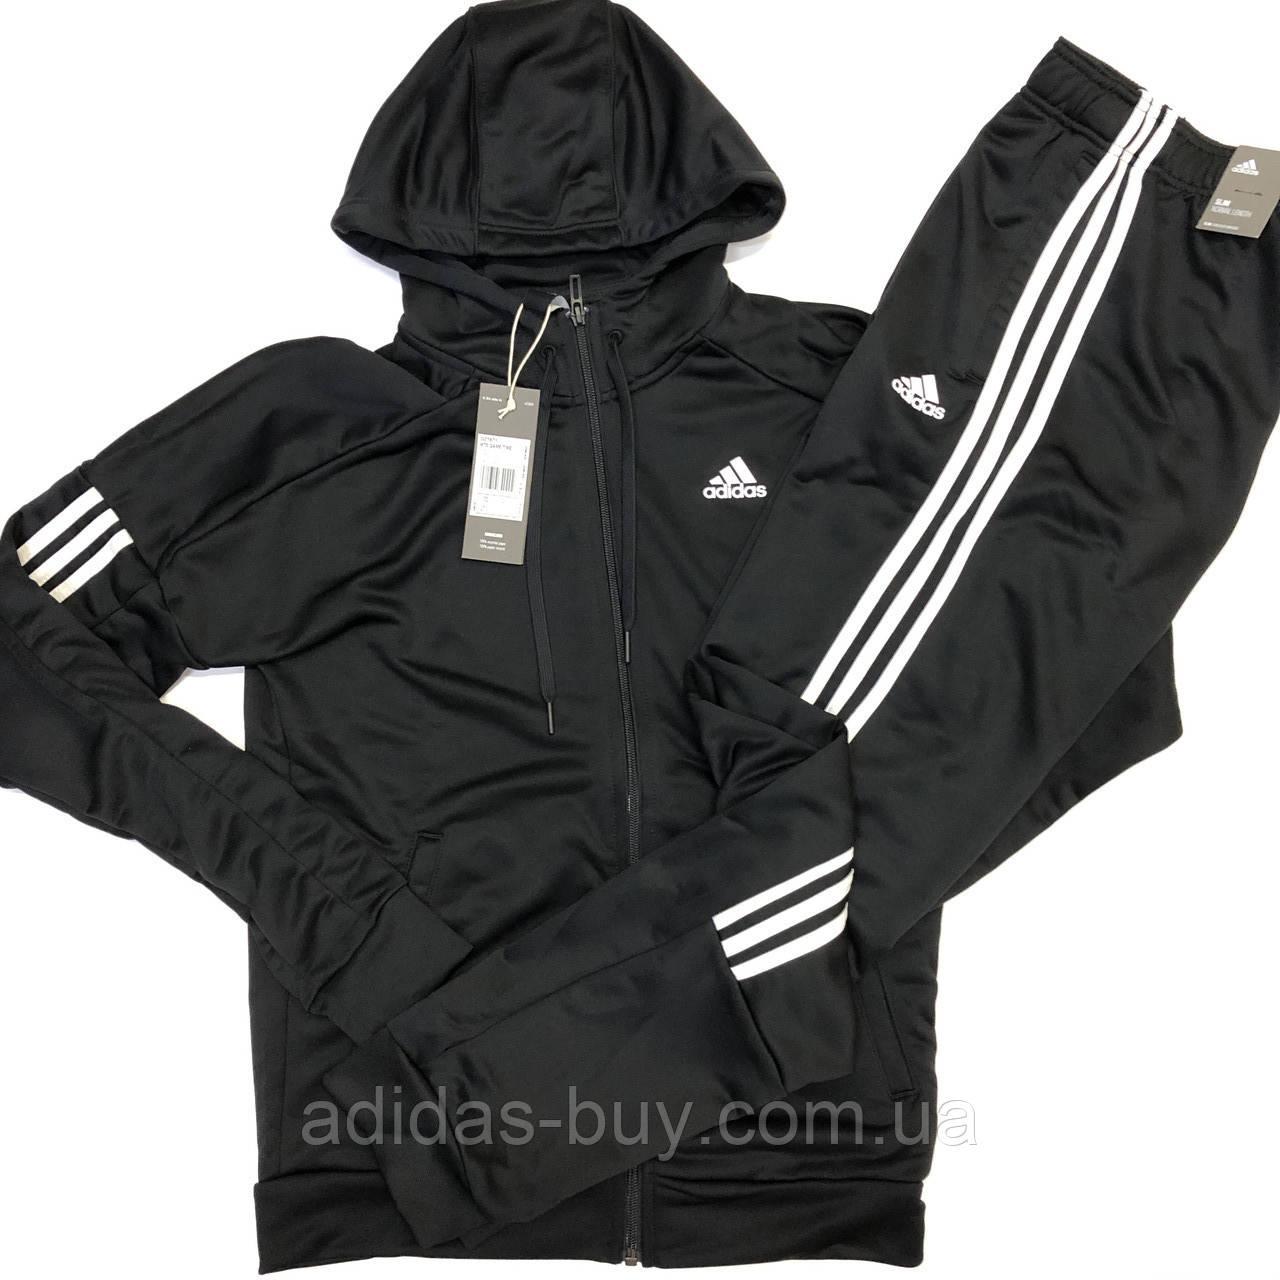 Adidas костюм спортивний чоловічий оригінал чорний весна осінь S M L XL